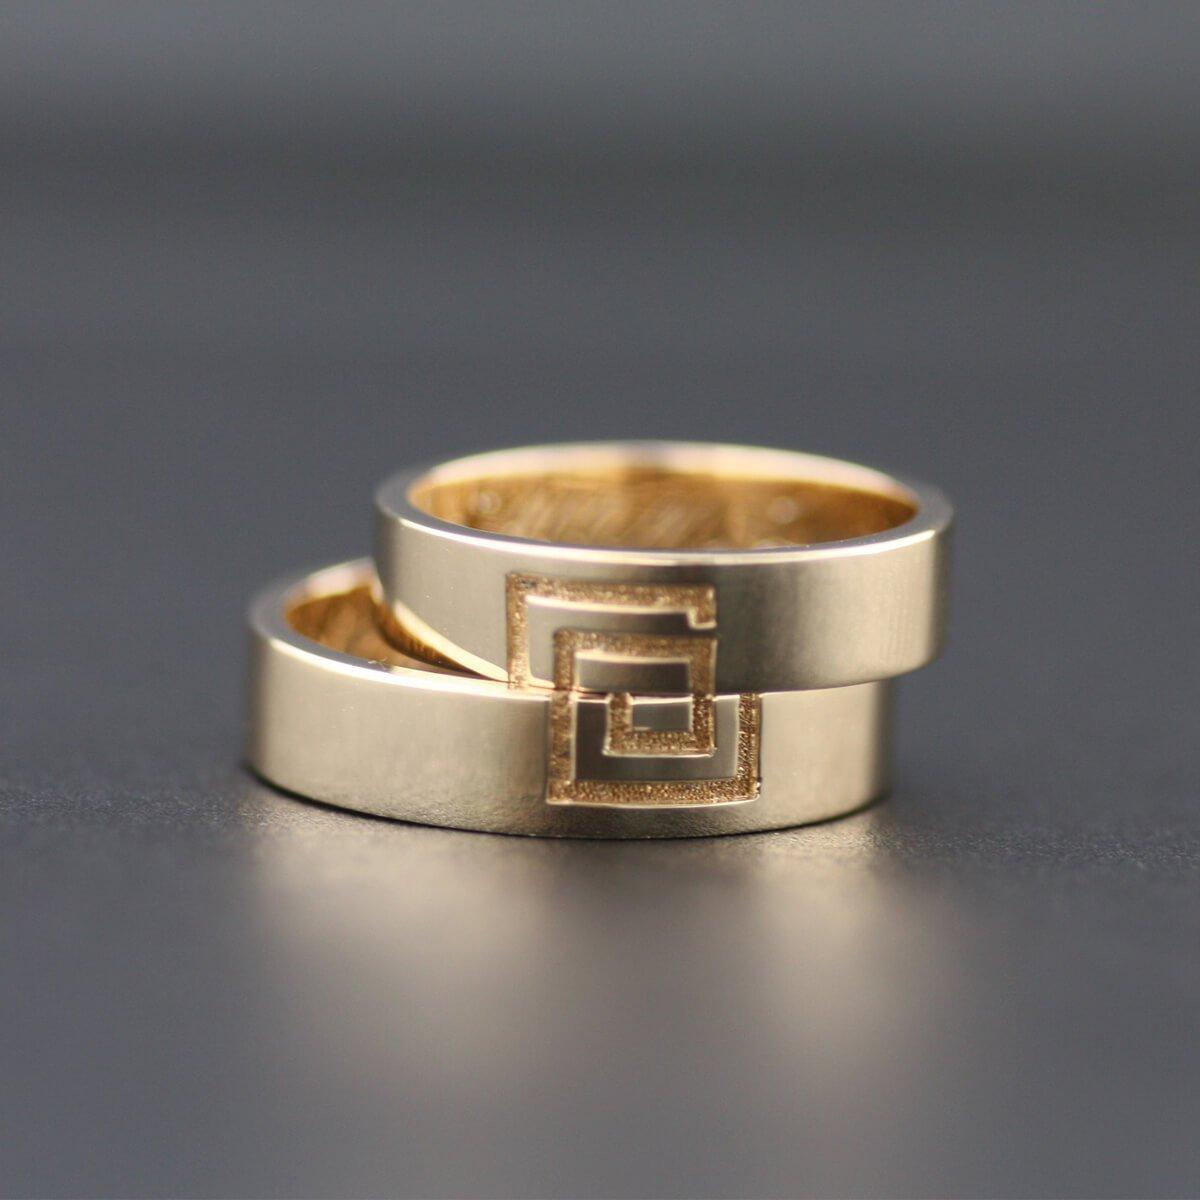 Rose Gold Wedding Band Ring Set